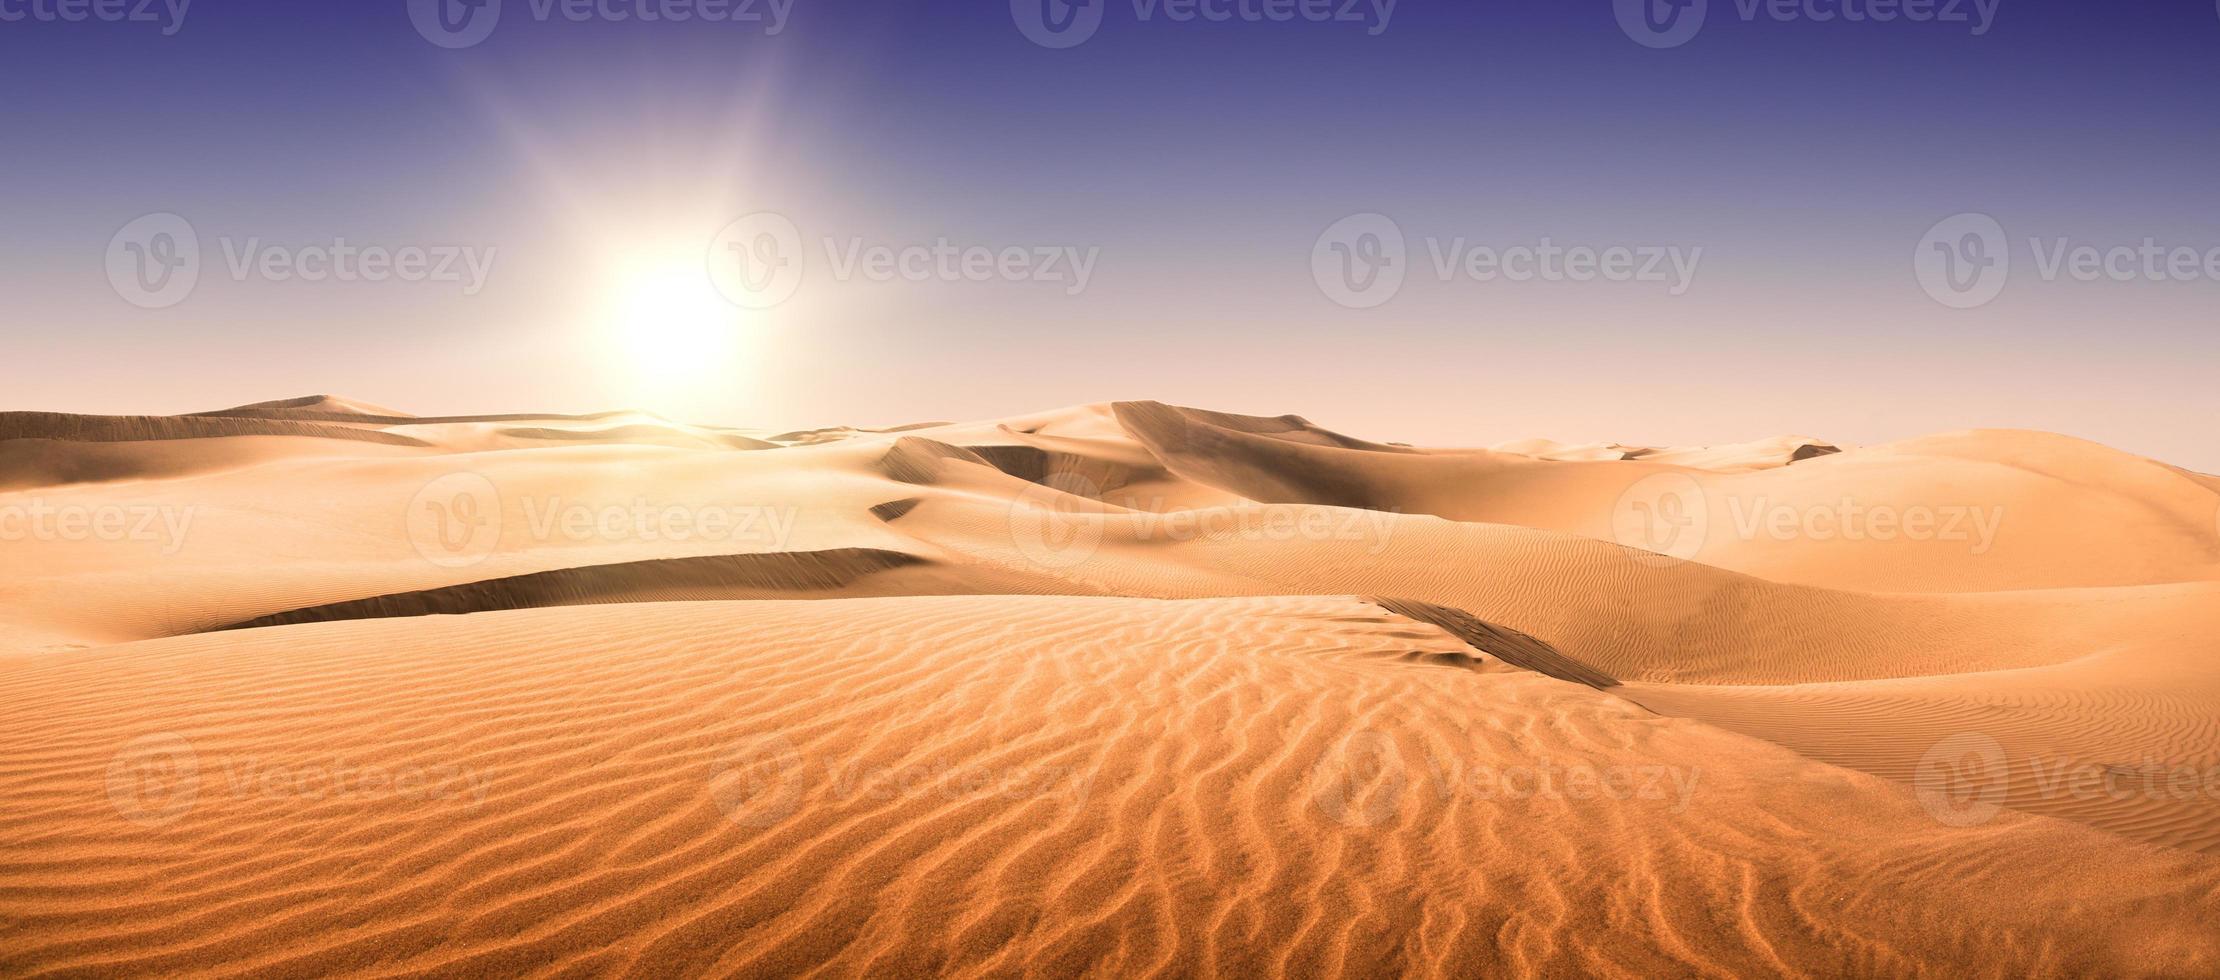 desierto de oro foto